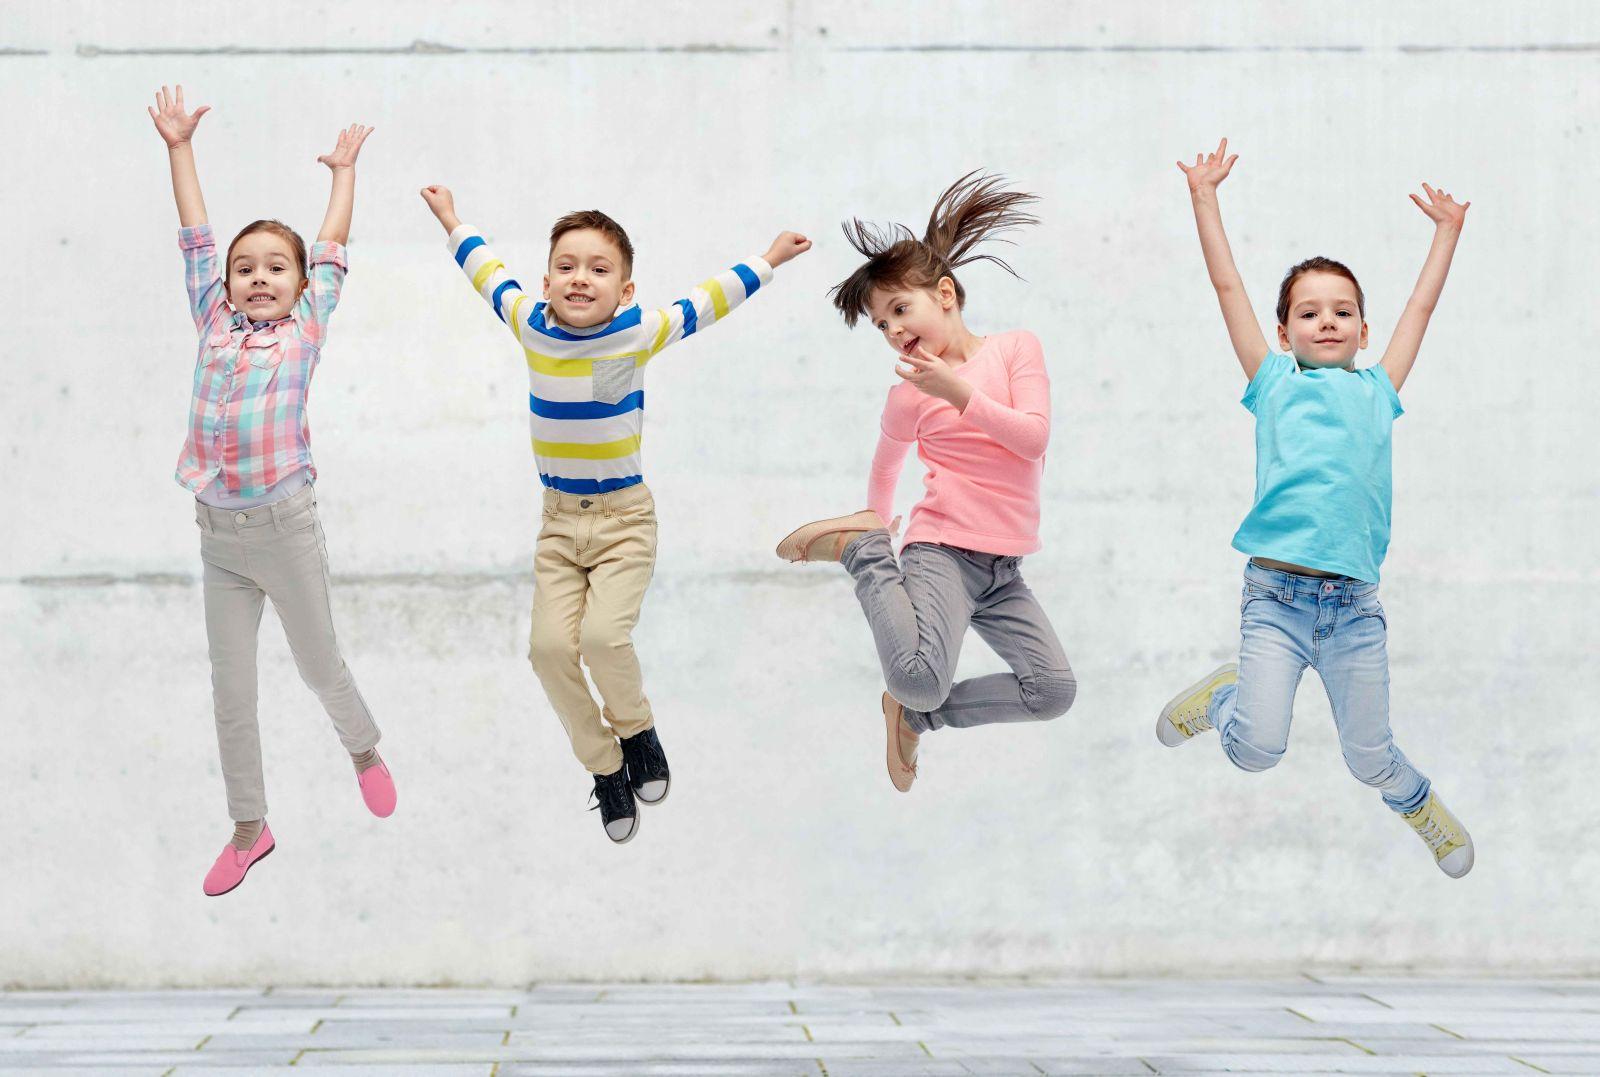 21ad9fe99efdd 10 nápadov na skvelé pohybové hry, vďaka ktorým sa deti rozhýbu raz ...